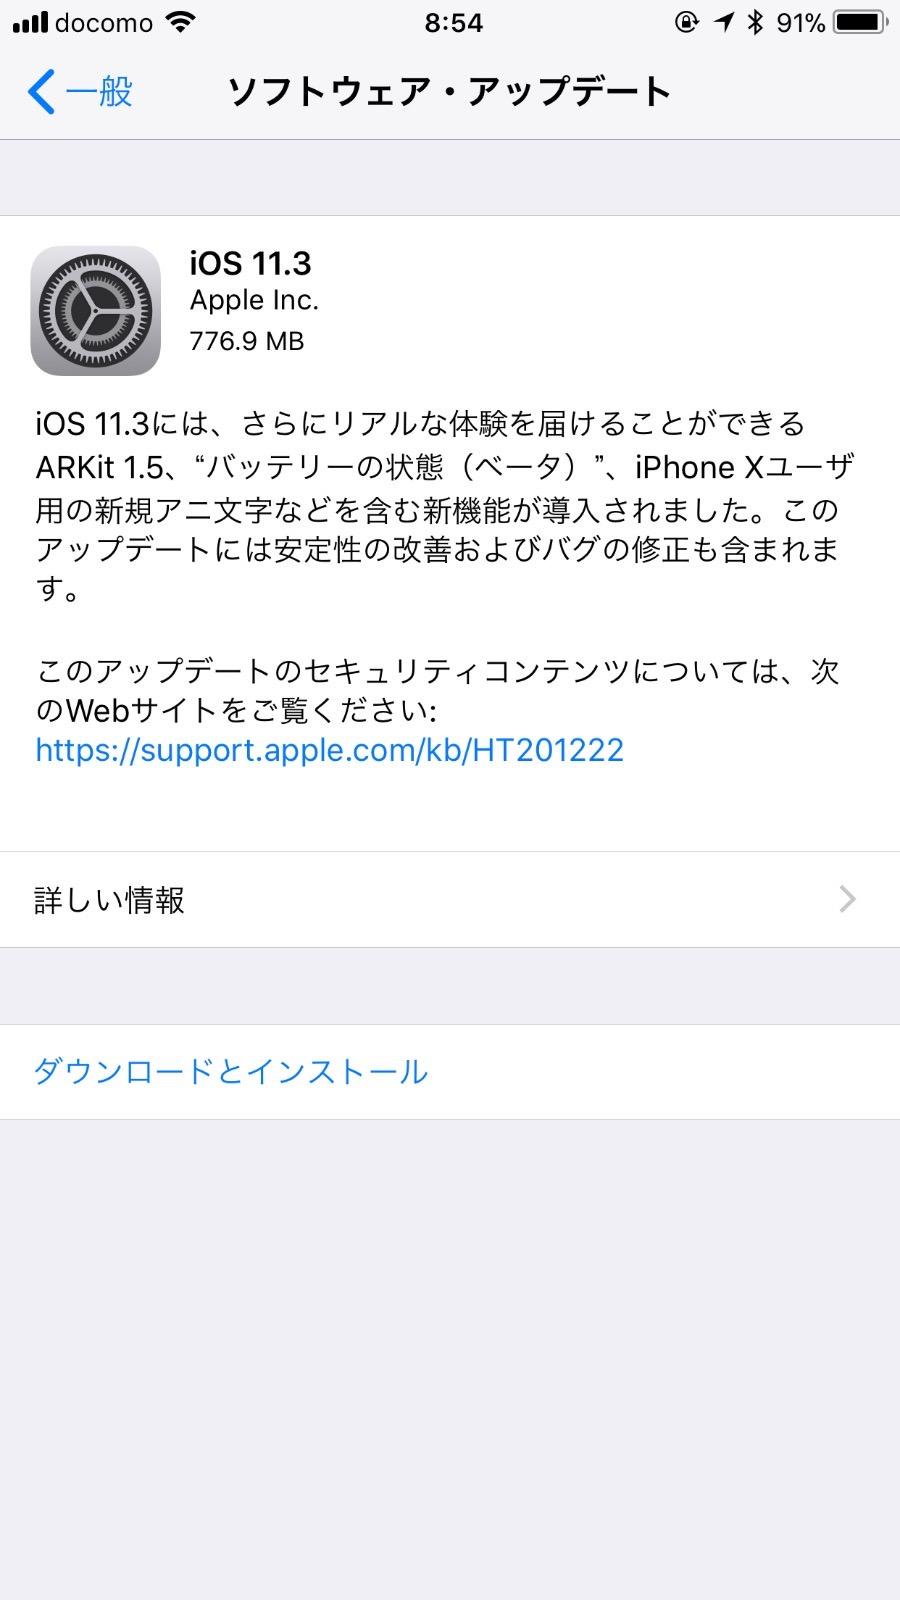 【iOS 11】「iOS 11.3 ソフトウェアアップデート」リリース 〜「バッテリーの状態(ベータ)」機能が追加